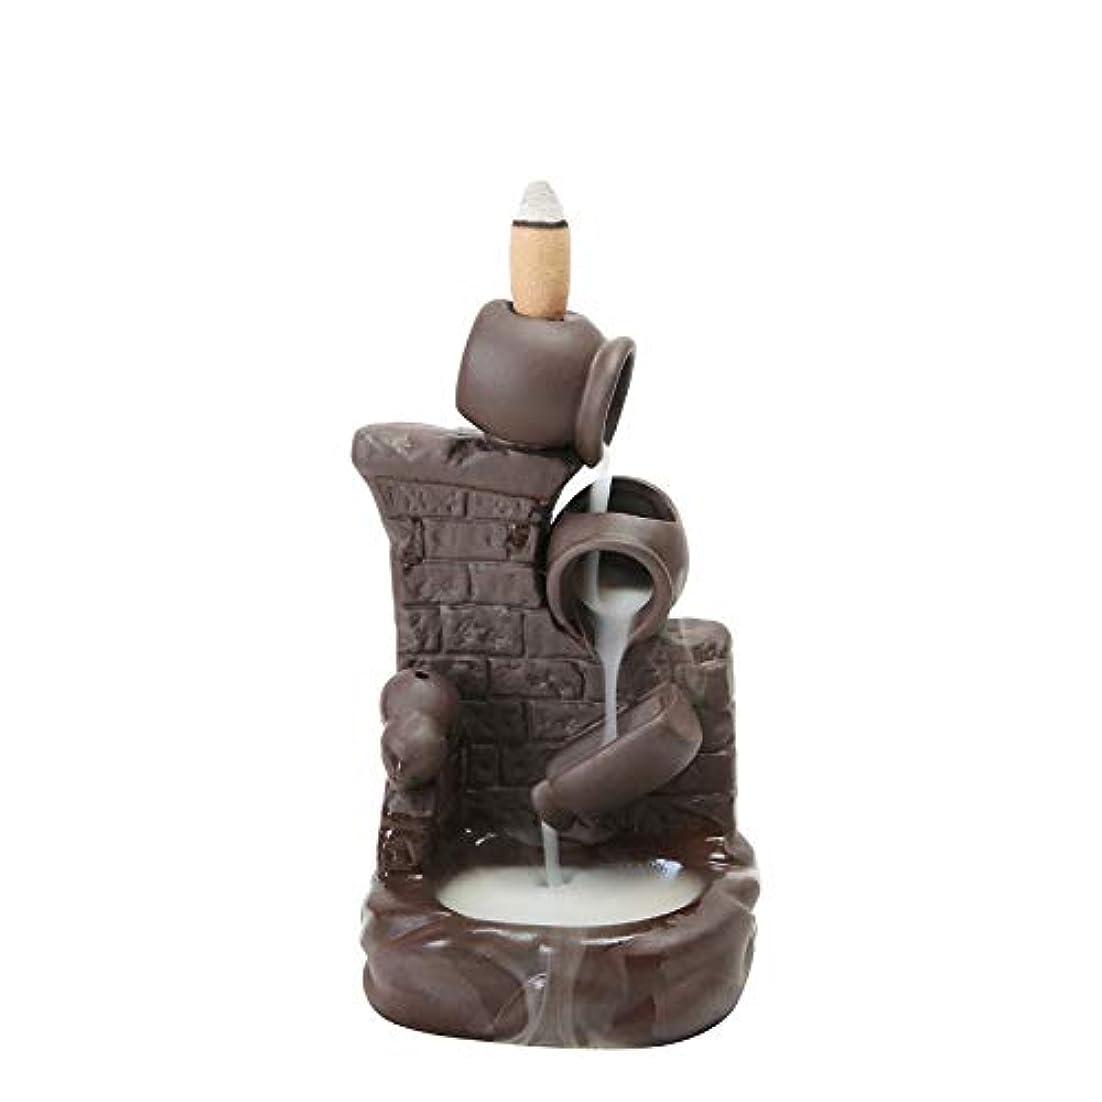 候補者新着経験者(Style 6) - Gift Pro Ceramic Backflow Incense Tower Burner Statue Figurine Incense Holder Incenses Not Included...